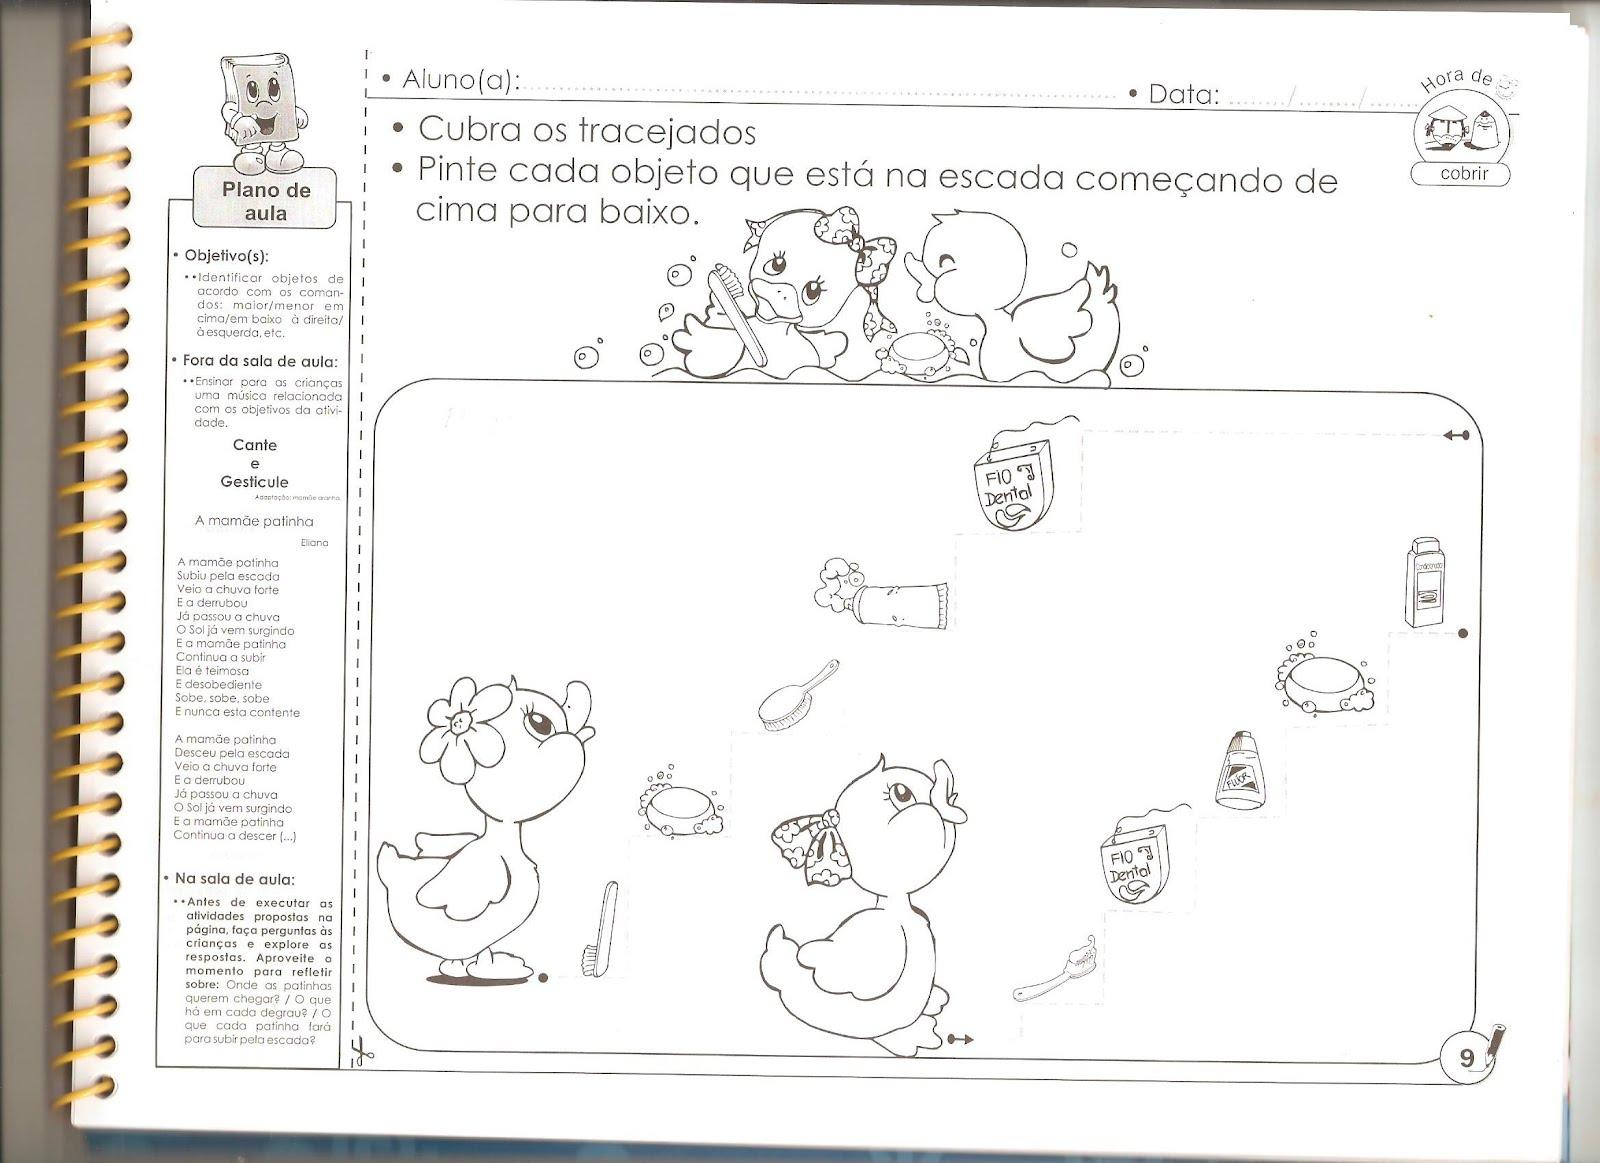 Top Blog - PROFESSORA INÊS FRONSAK - EDUCAÇÃO É TRANSFORMAÇÃO LI38